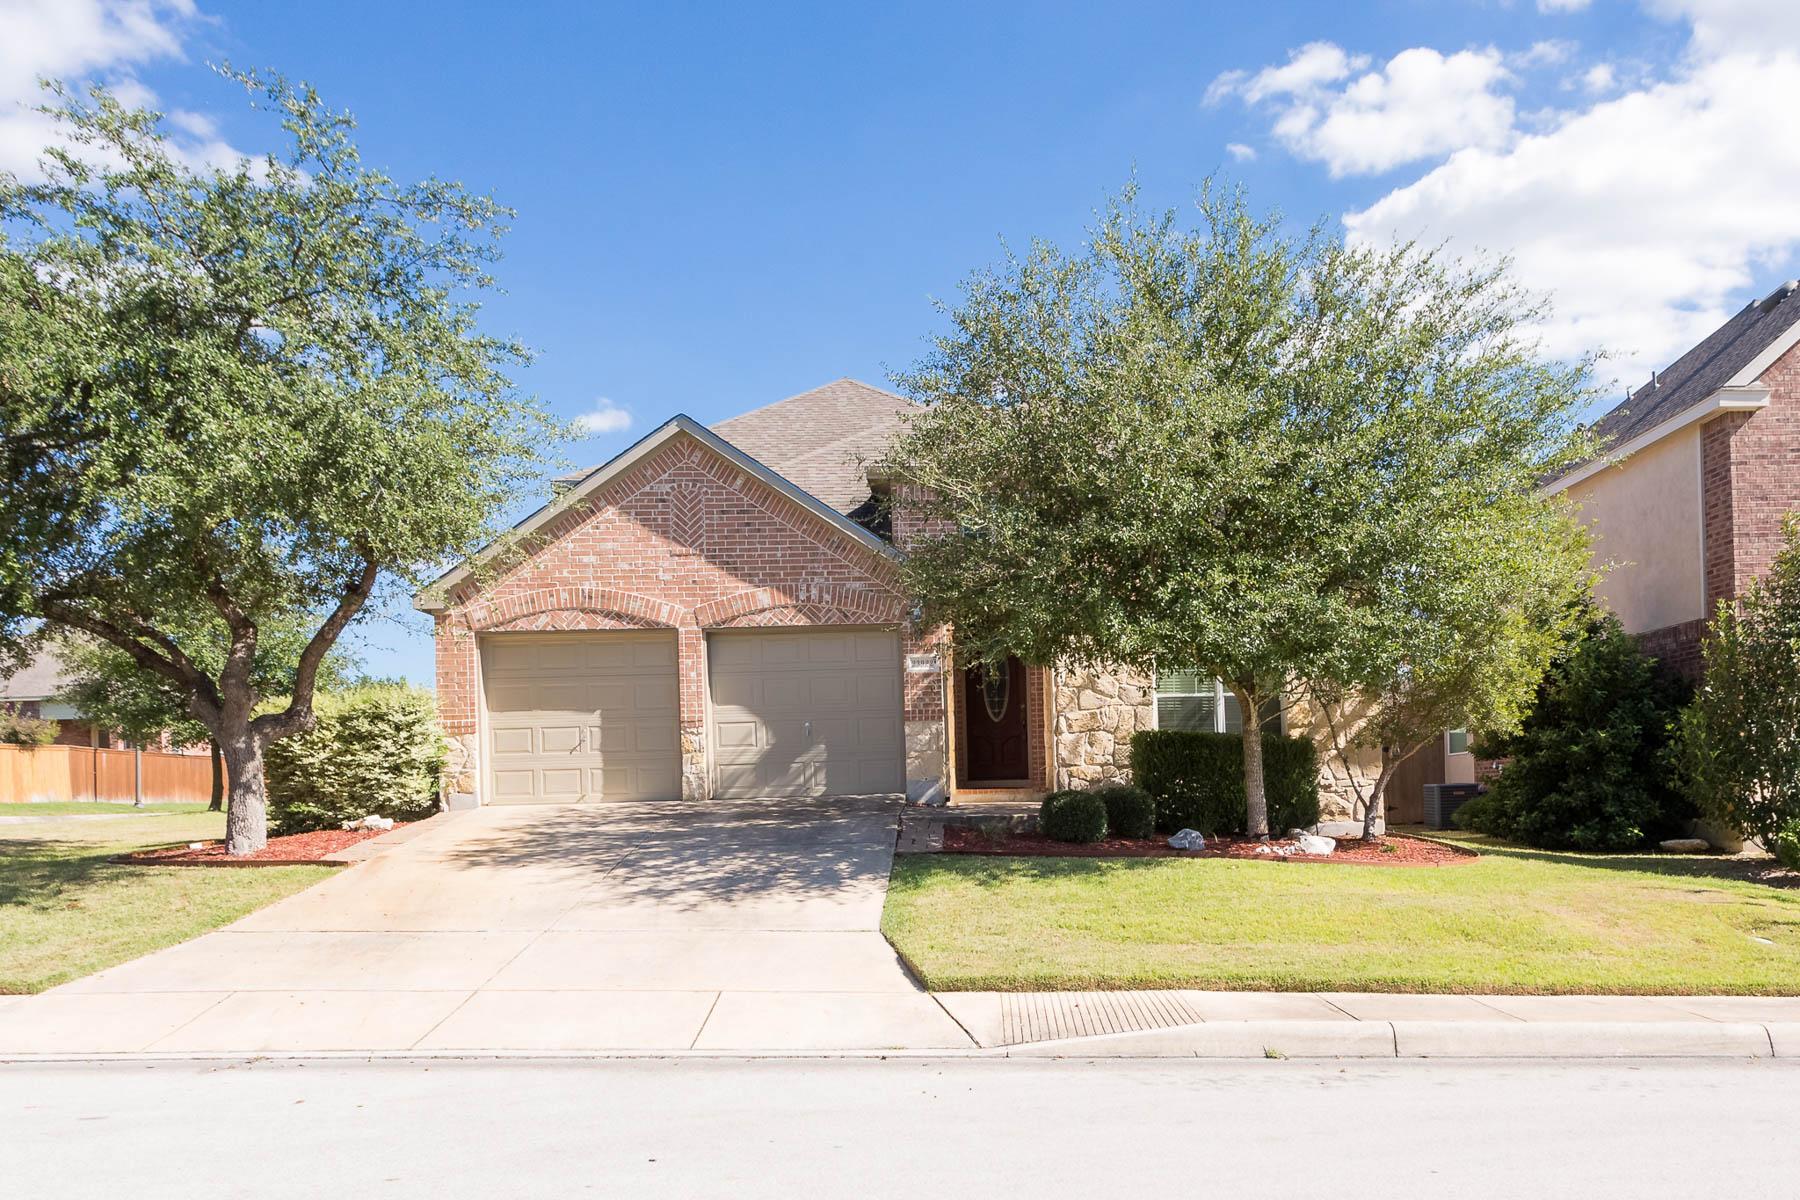 Casa Unifamiliar por un Venta en Captivating Home in Cibolo Canyons Ventana 23922 Western Meadow San Antonio, Texas 78261 Estados Unidos